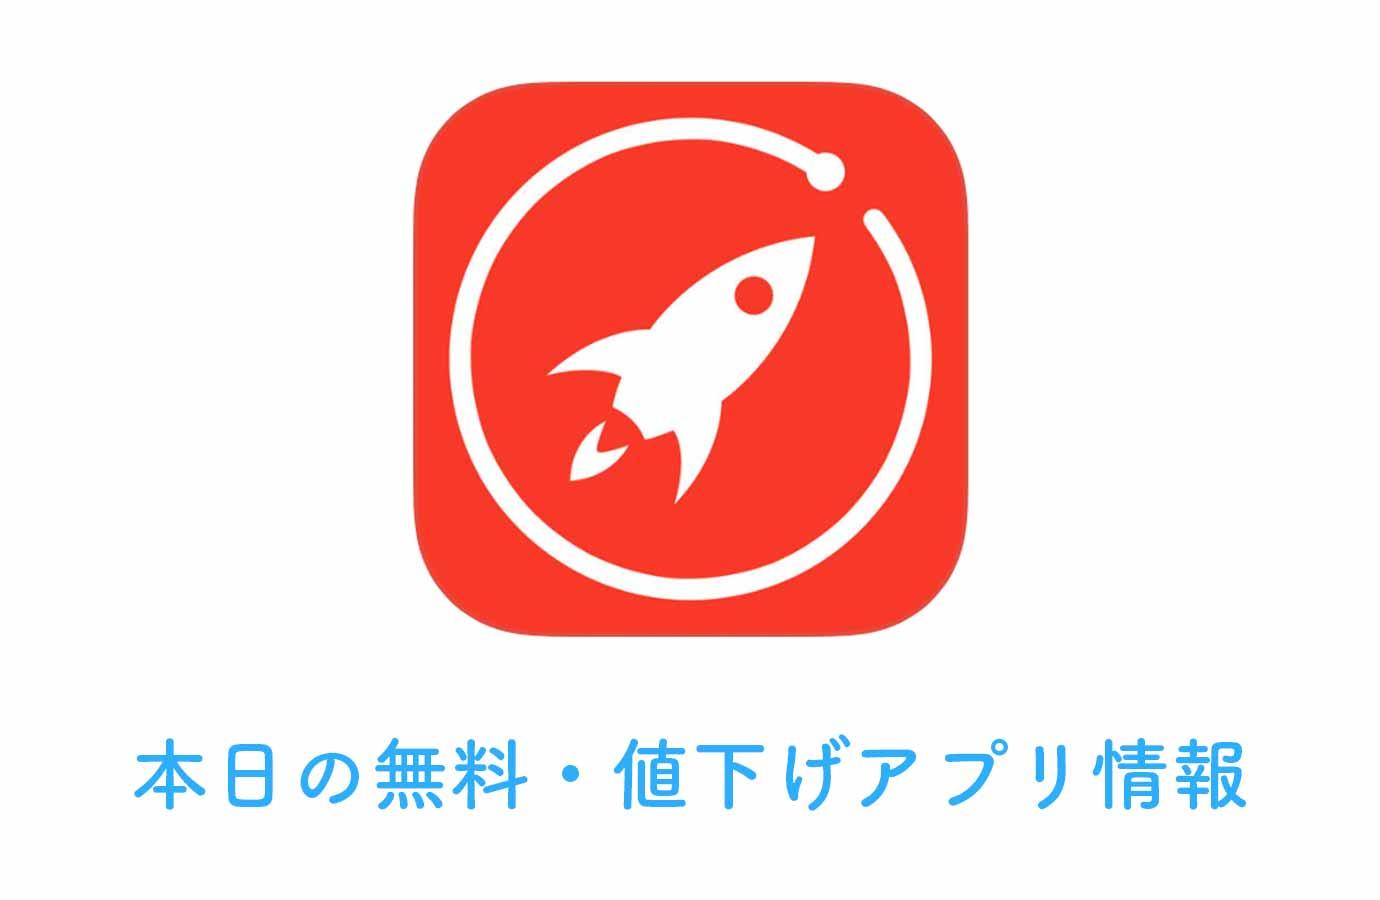 120円→無料、ジャスチャー操作でアプリの機能を起動できる「Gestures Launcher」など【6/7】本日の無料・値下げアプリ情報